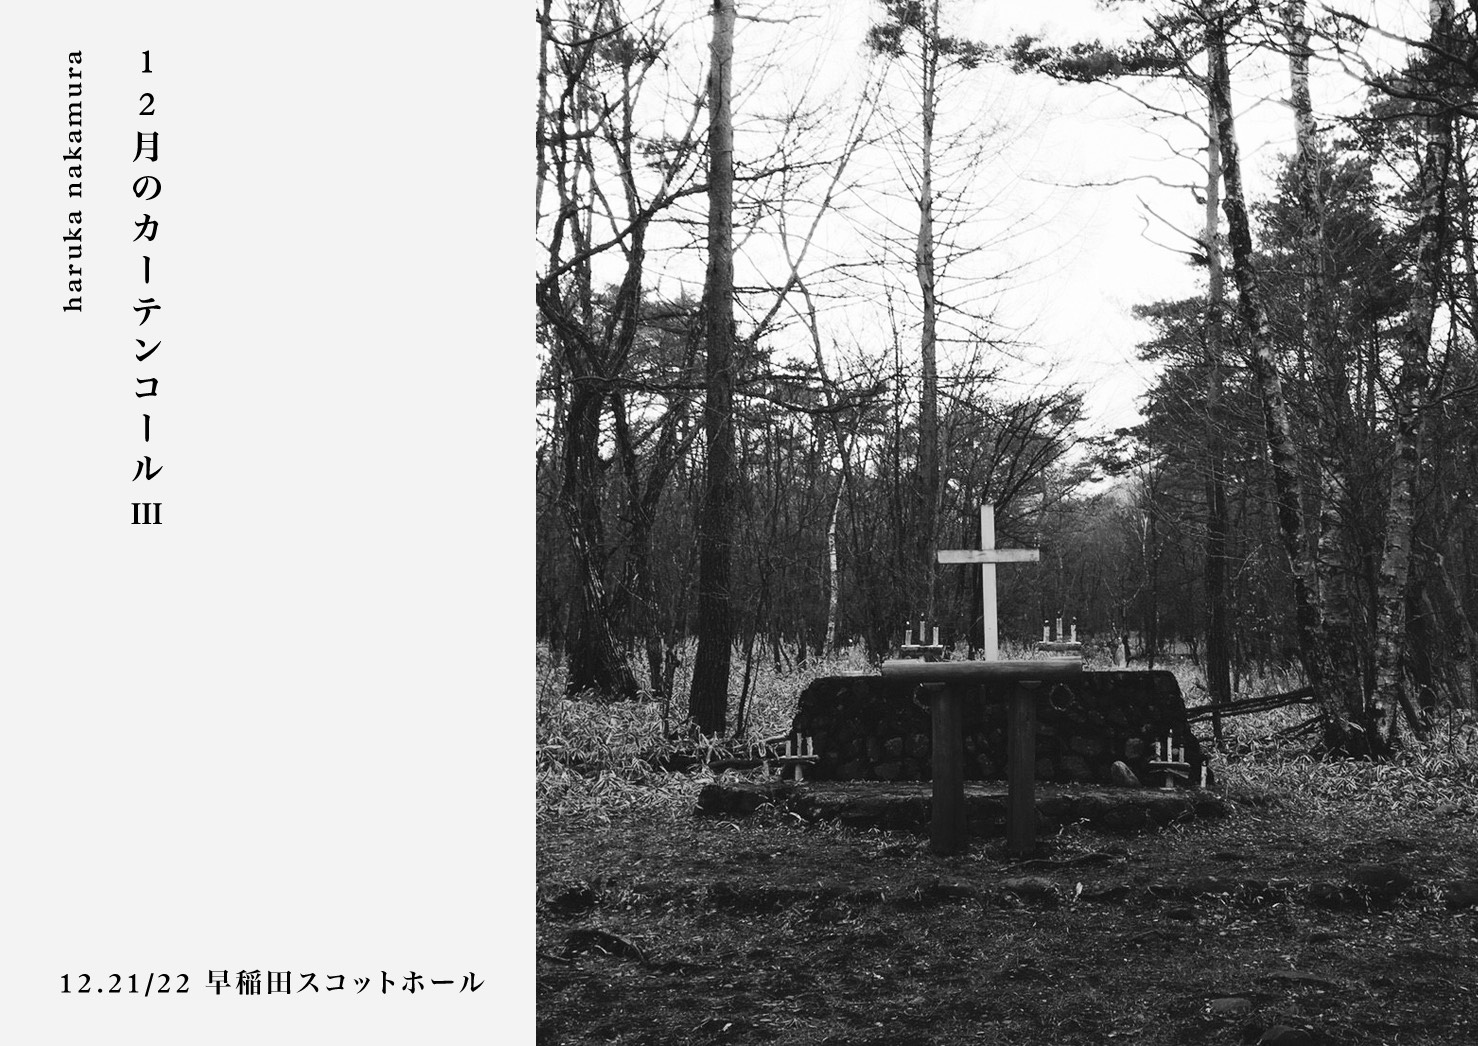 haruka nakamura 「12月のカーテンコール Ⅲ」DAY 2